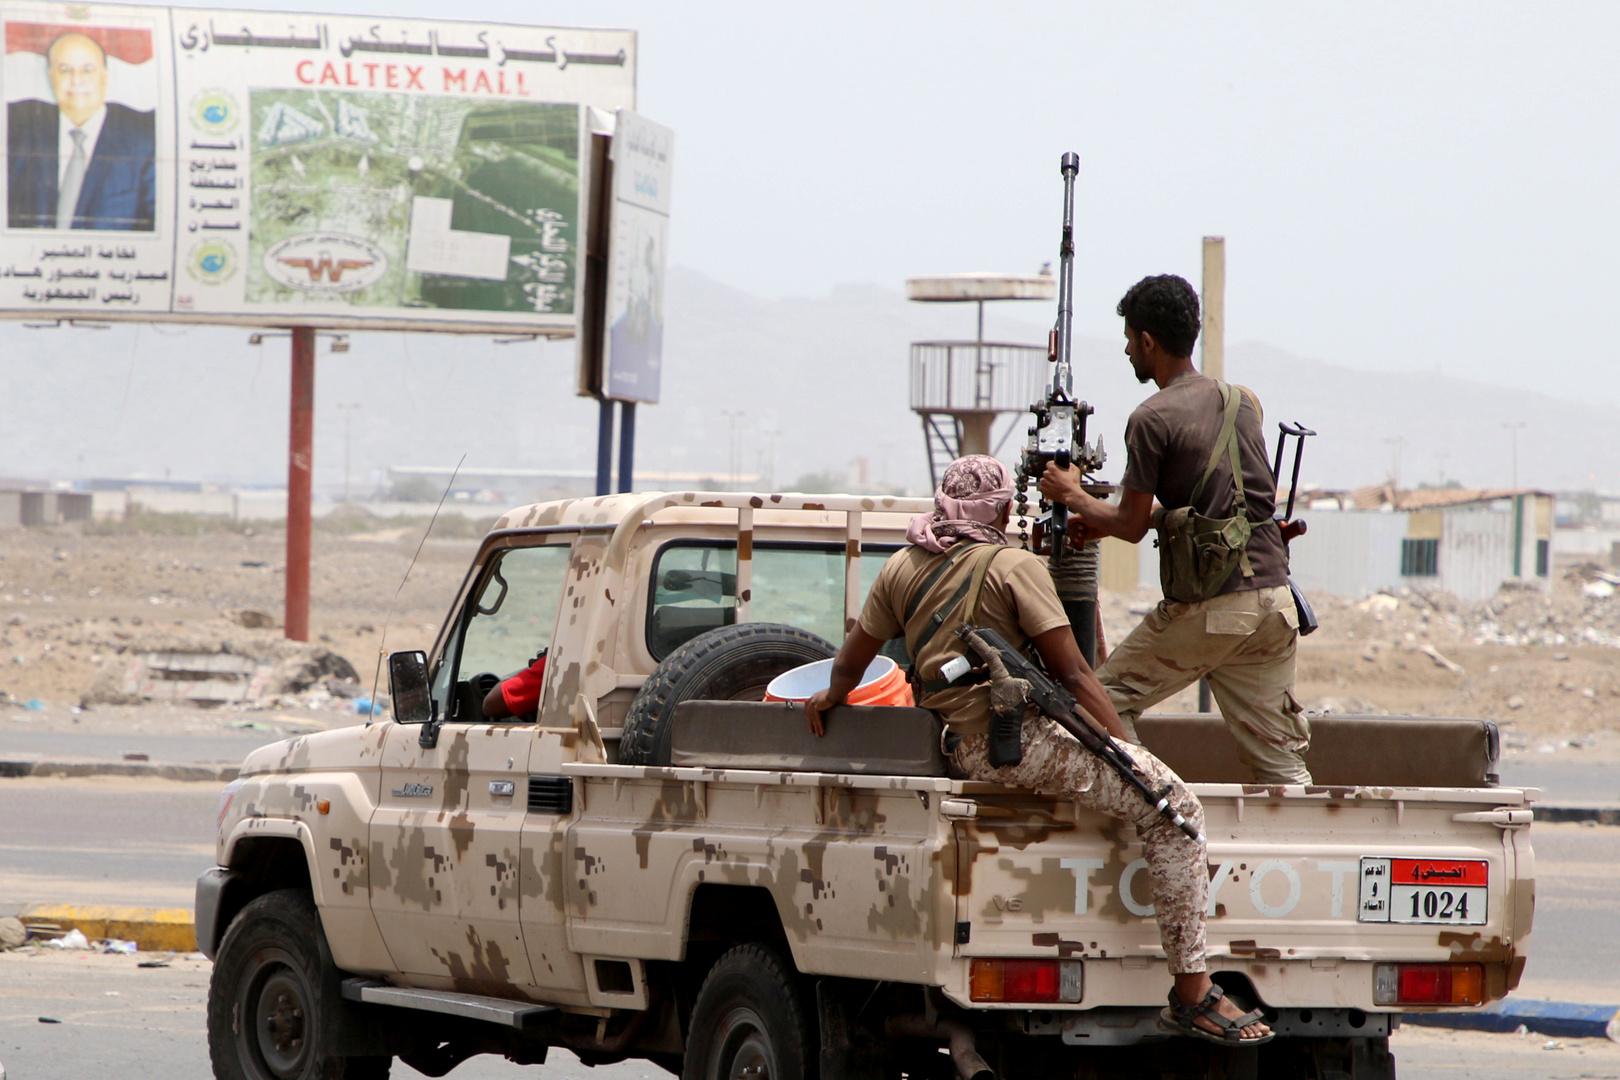 عناصر للمجلس الانتقالي الجنوبي على خلفية لافتة مع صورة الرئيس اليمني عبد ربه منصور هادي - عدن